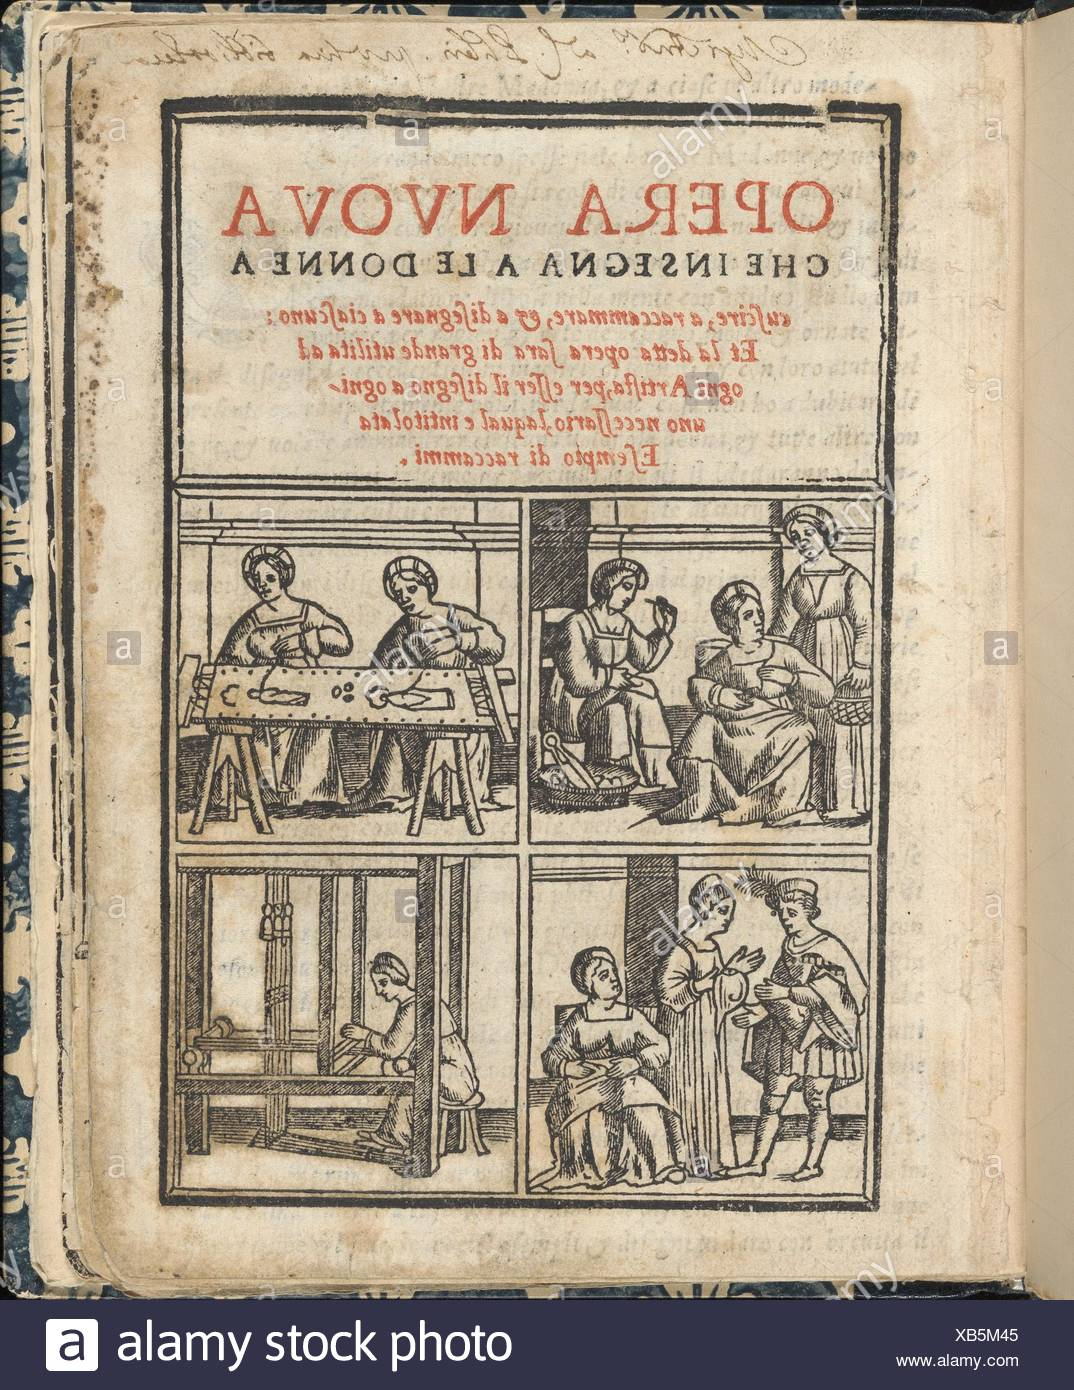 Essempio di recammi. Author: Giovanni Antonio Tagliente (Italian, Venice ca. 1465-1528 Venice); Publisher: Giovanni Antonio di Nicolini da Sabio e i - Stock Image